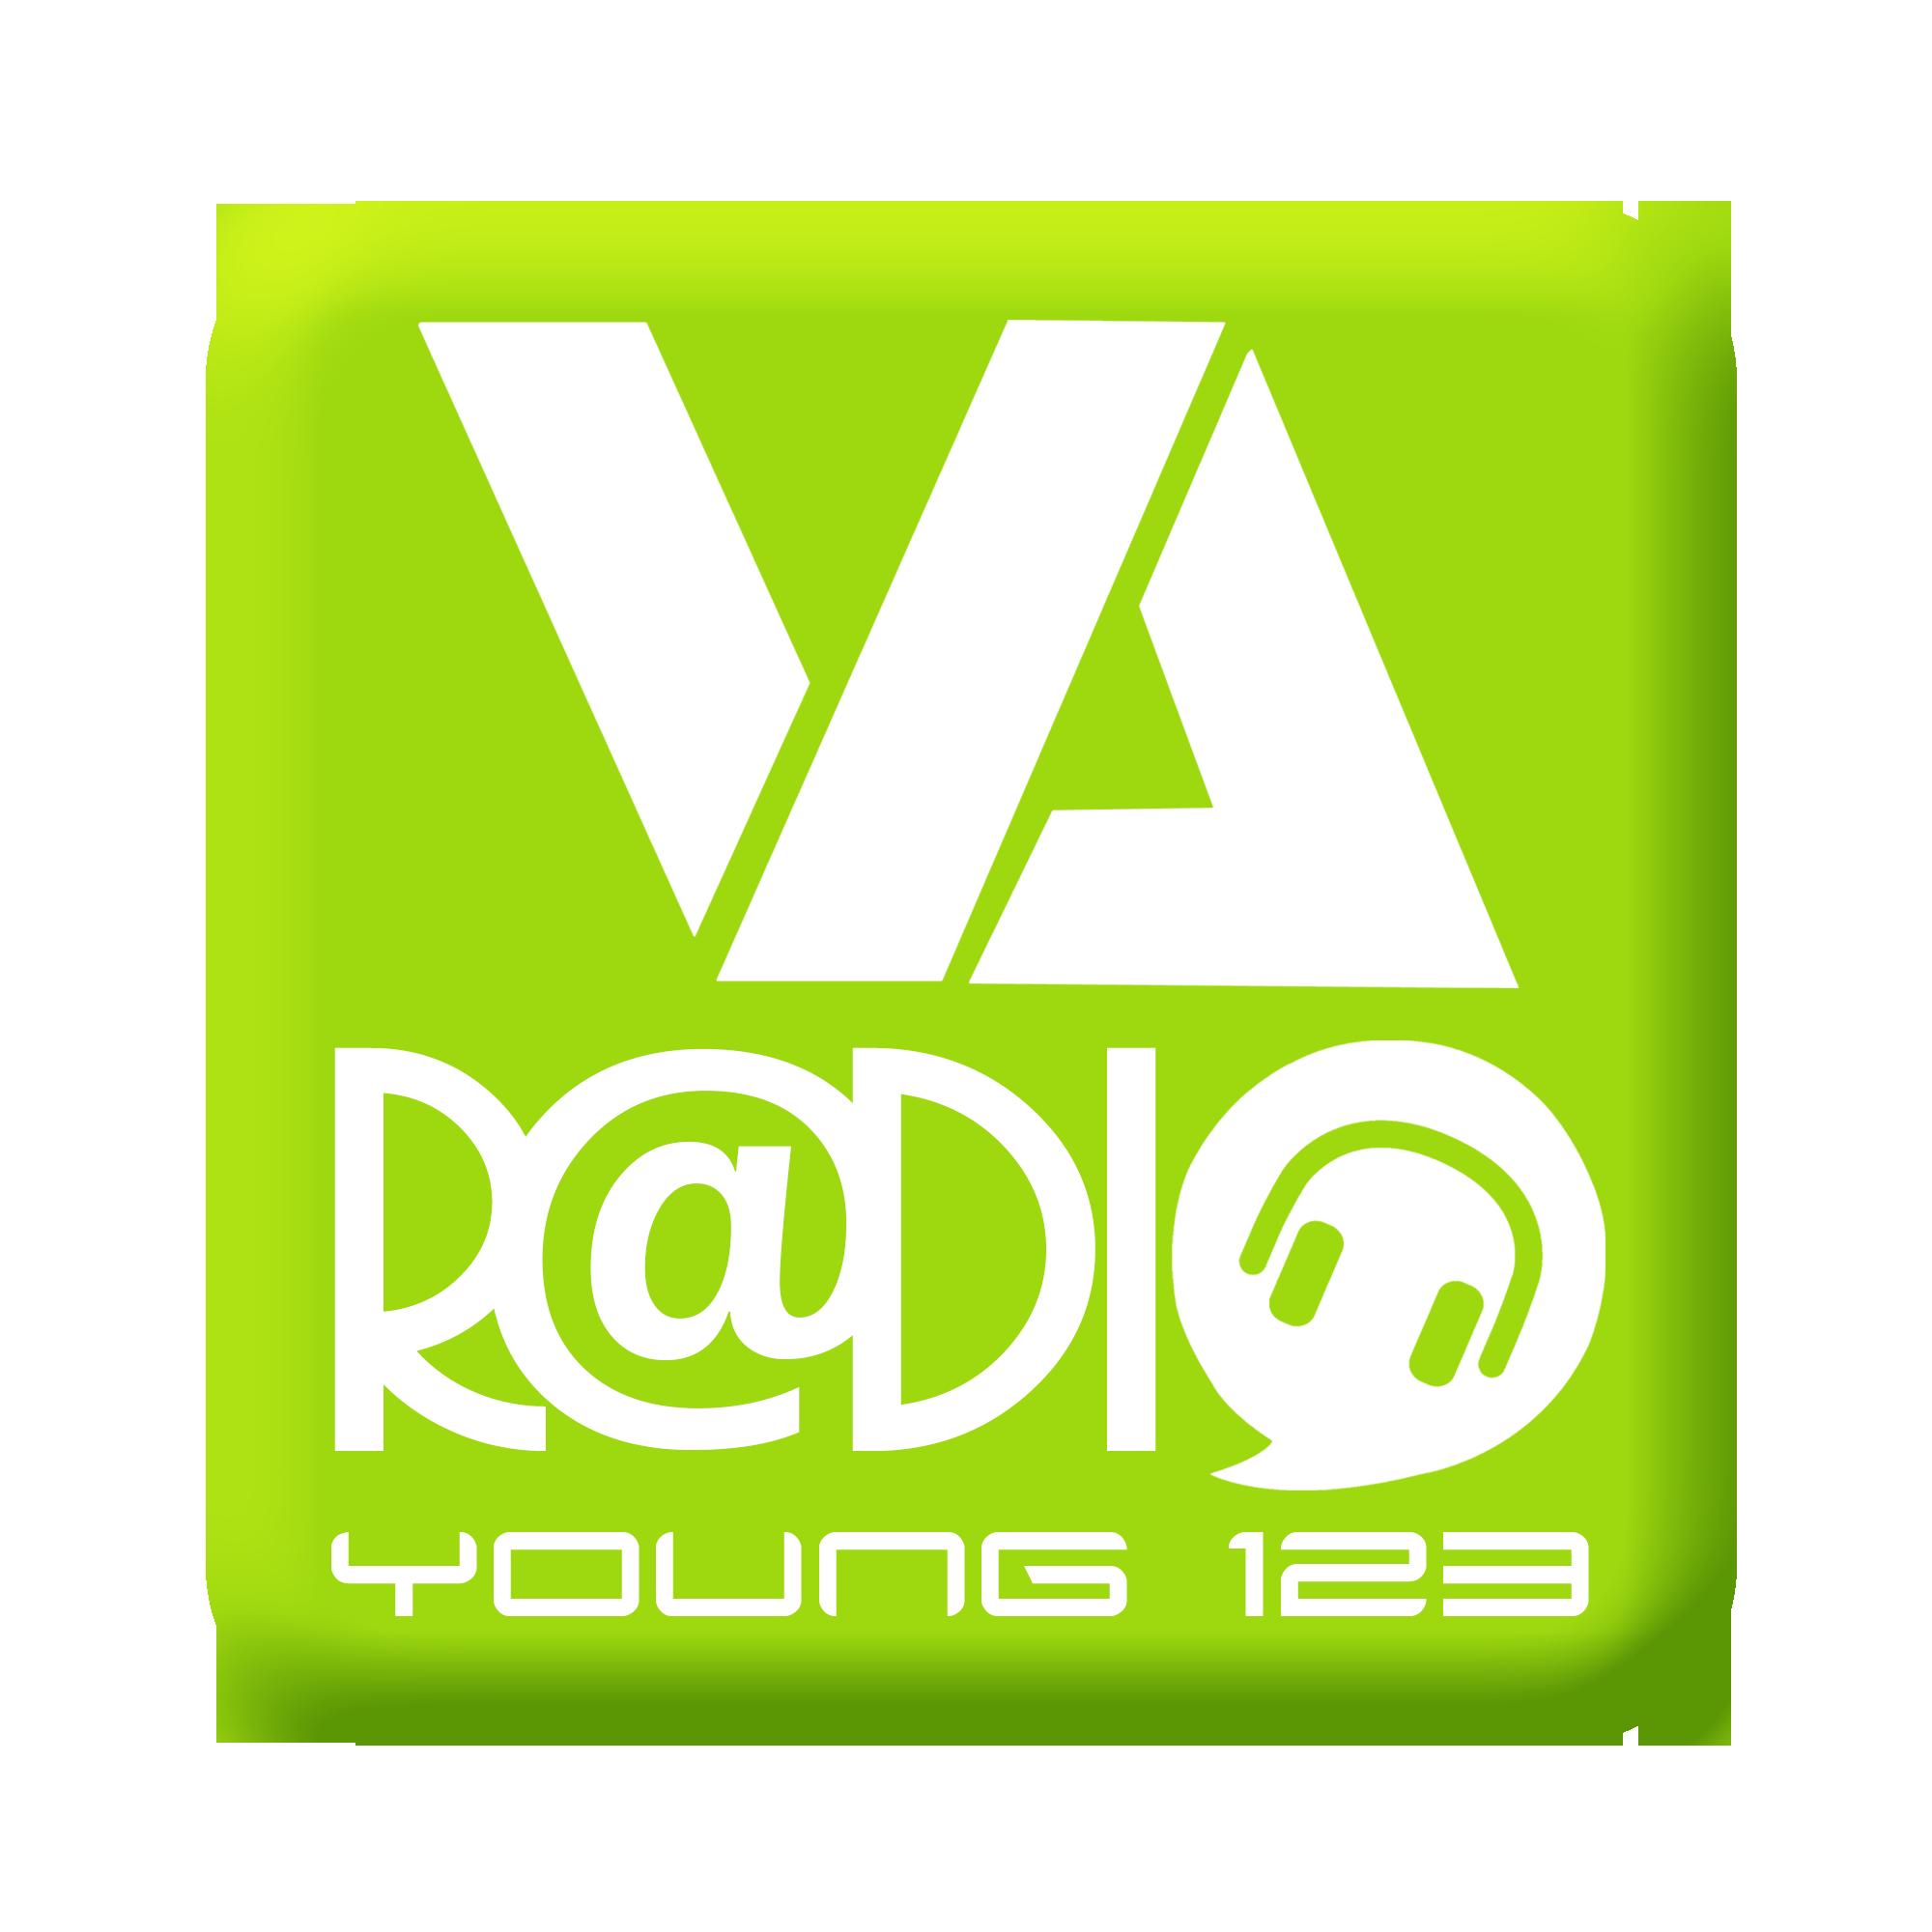 VA radio